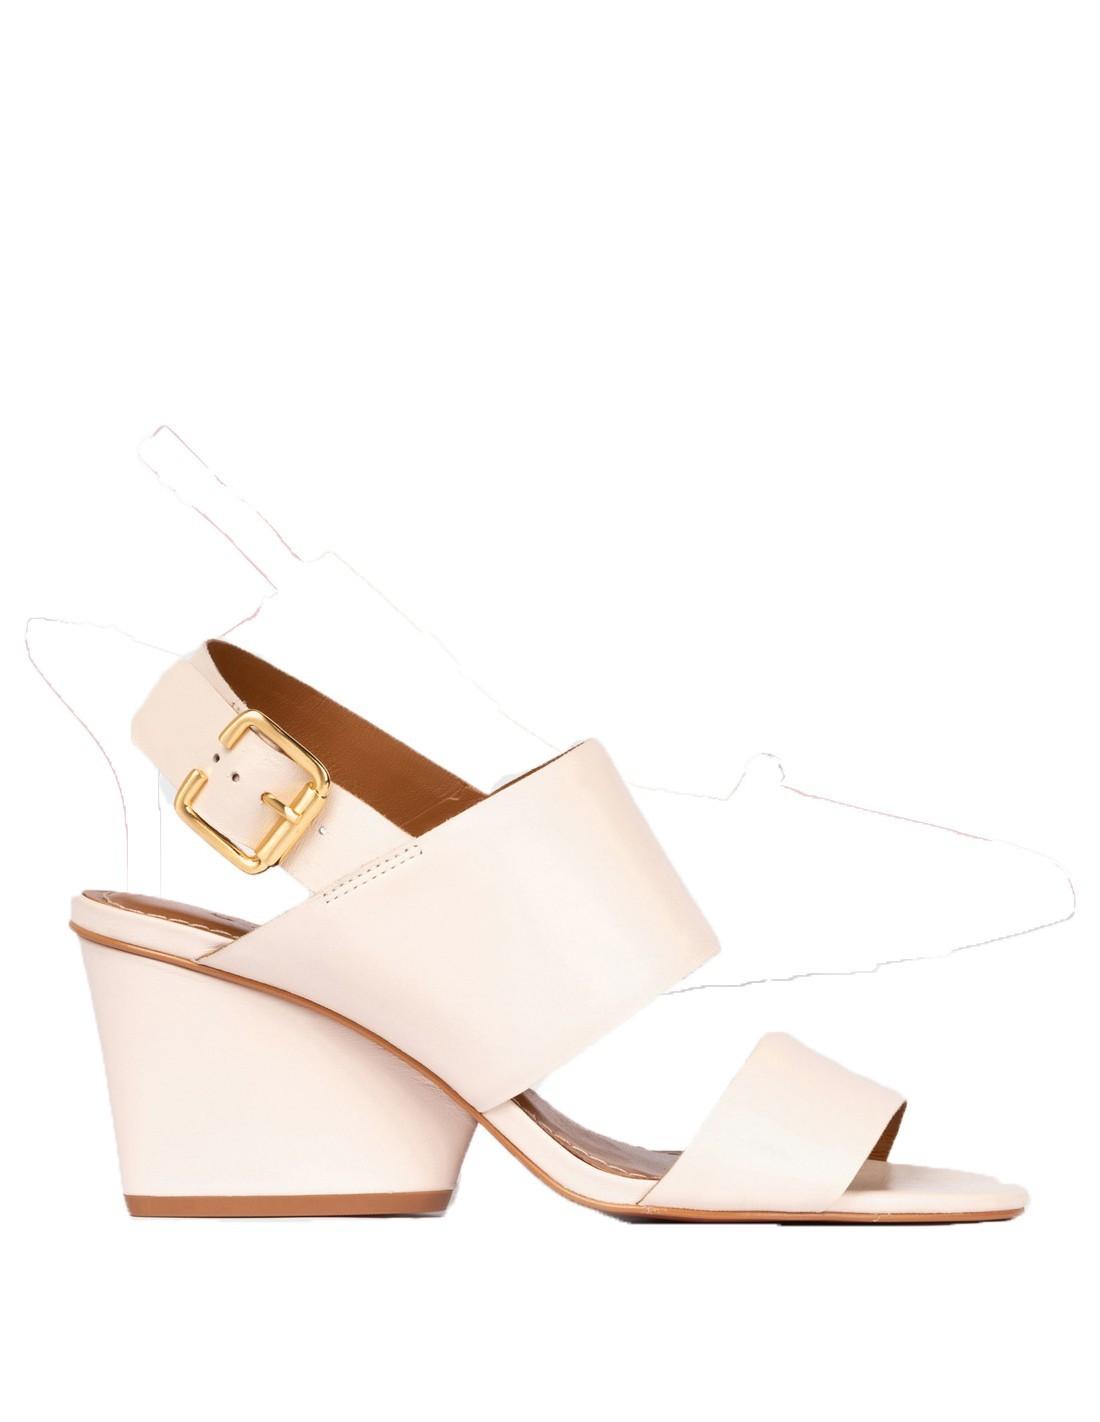 White suede sandals   INVITADISIMA